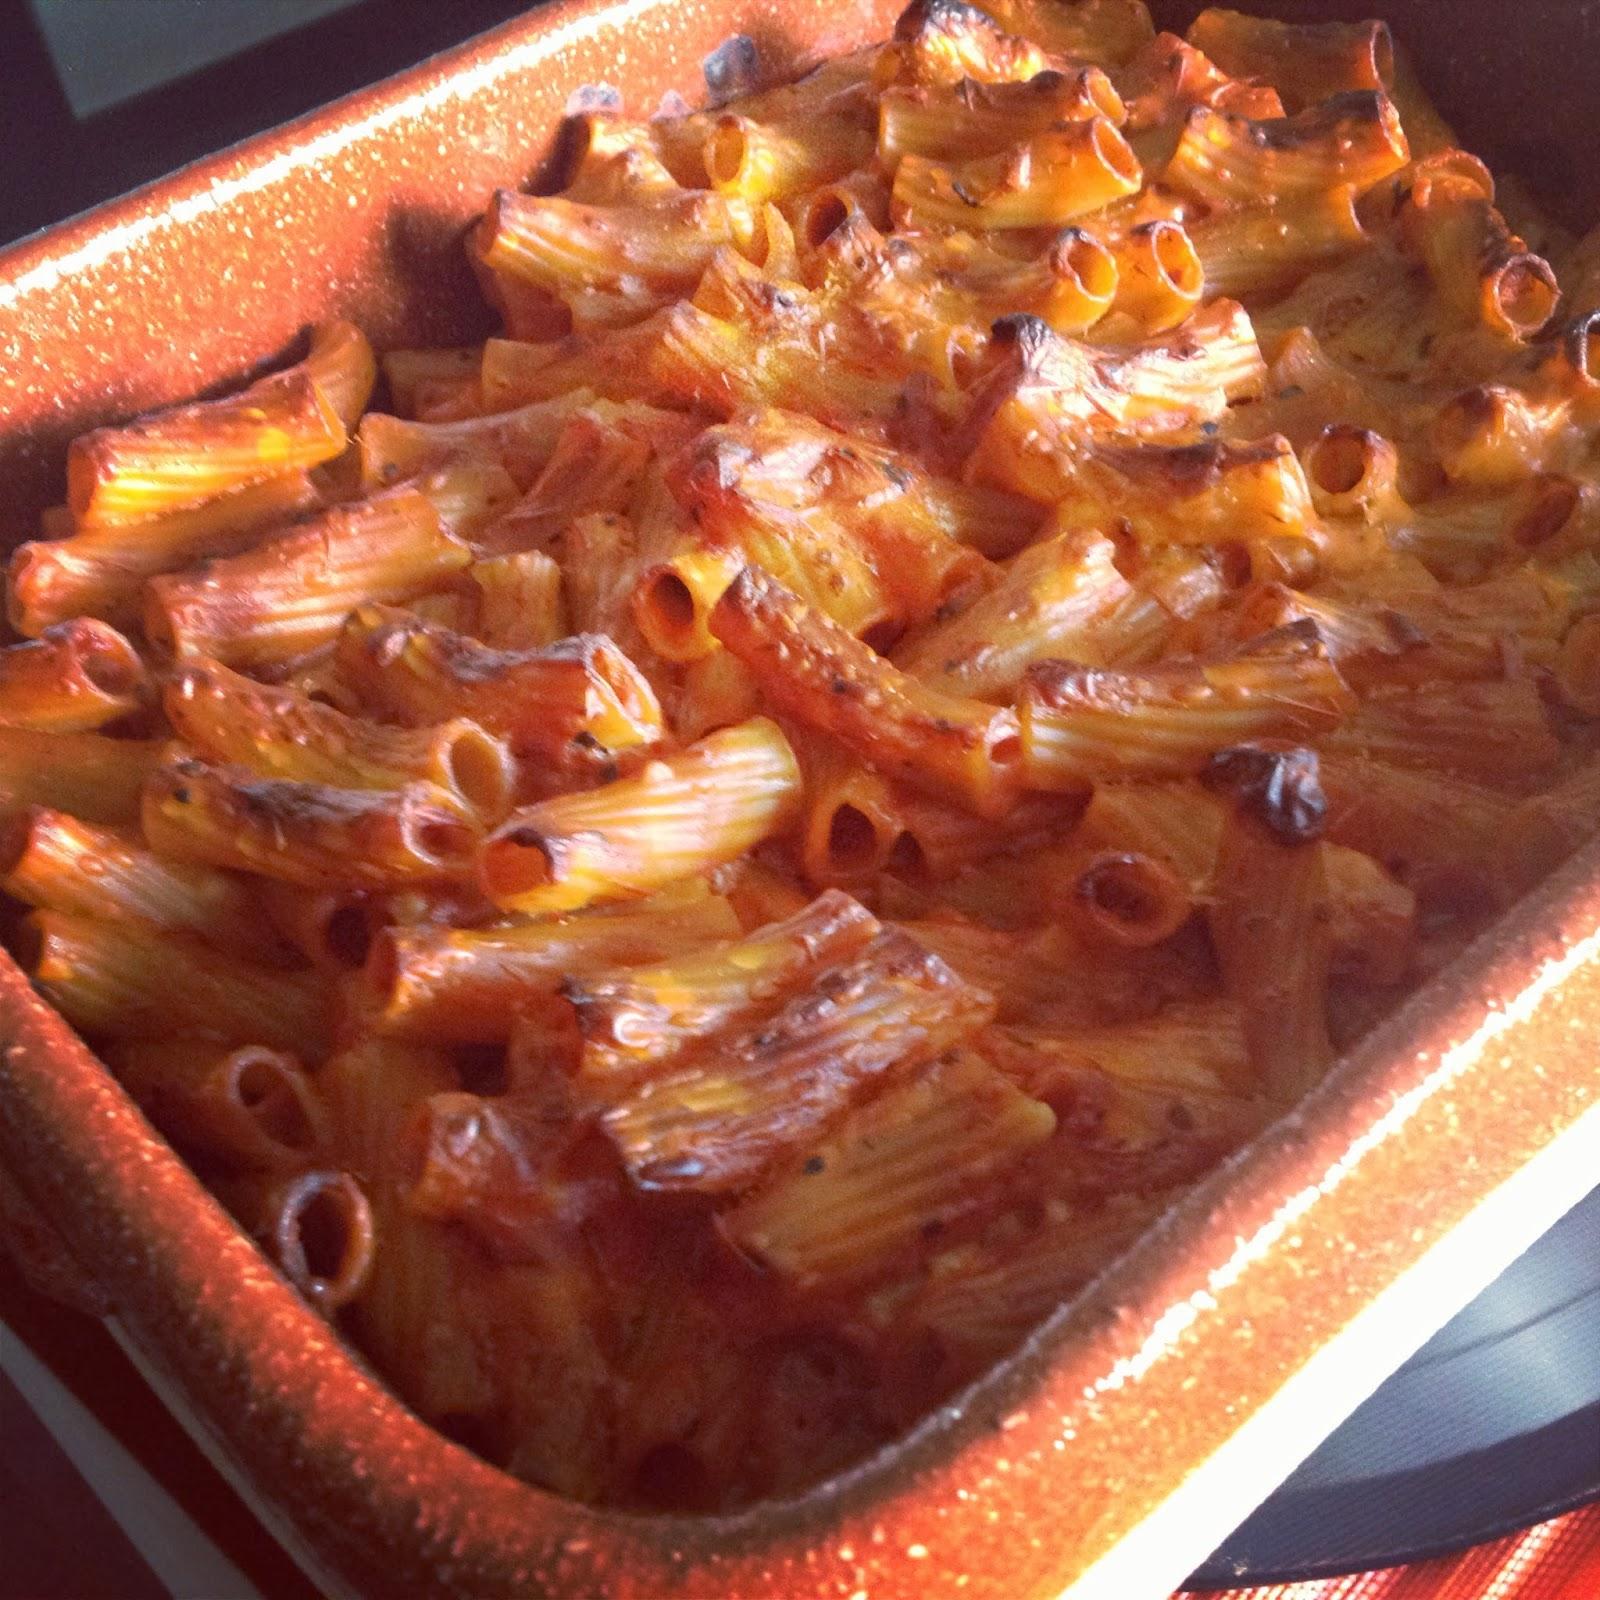 Un pipistrello in cucina pasta al forno con bionatural - Forno di terracotta ...